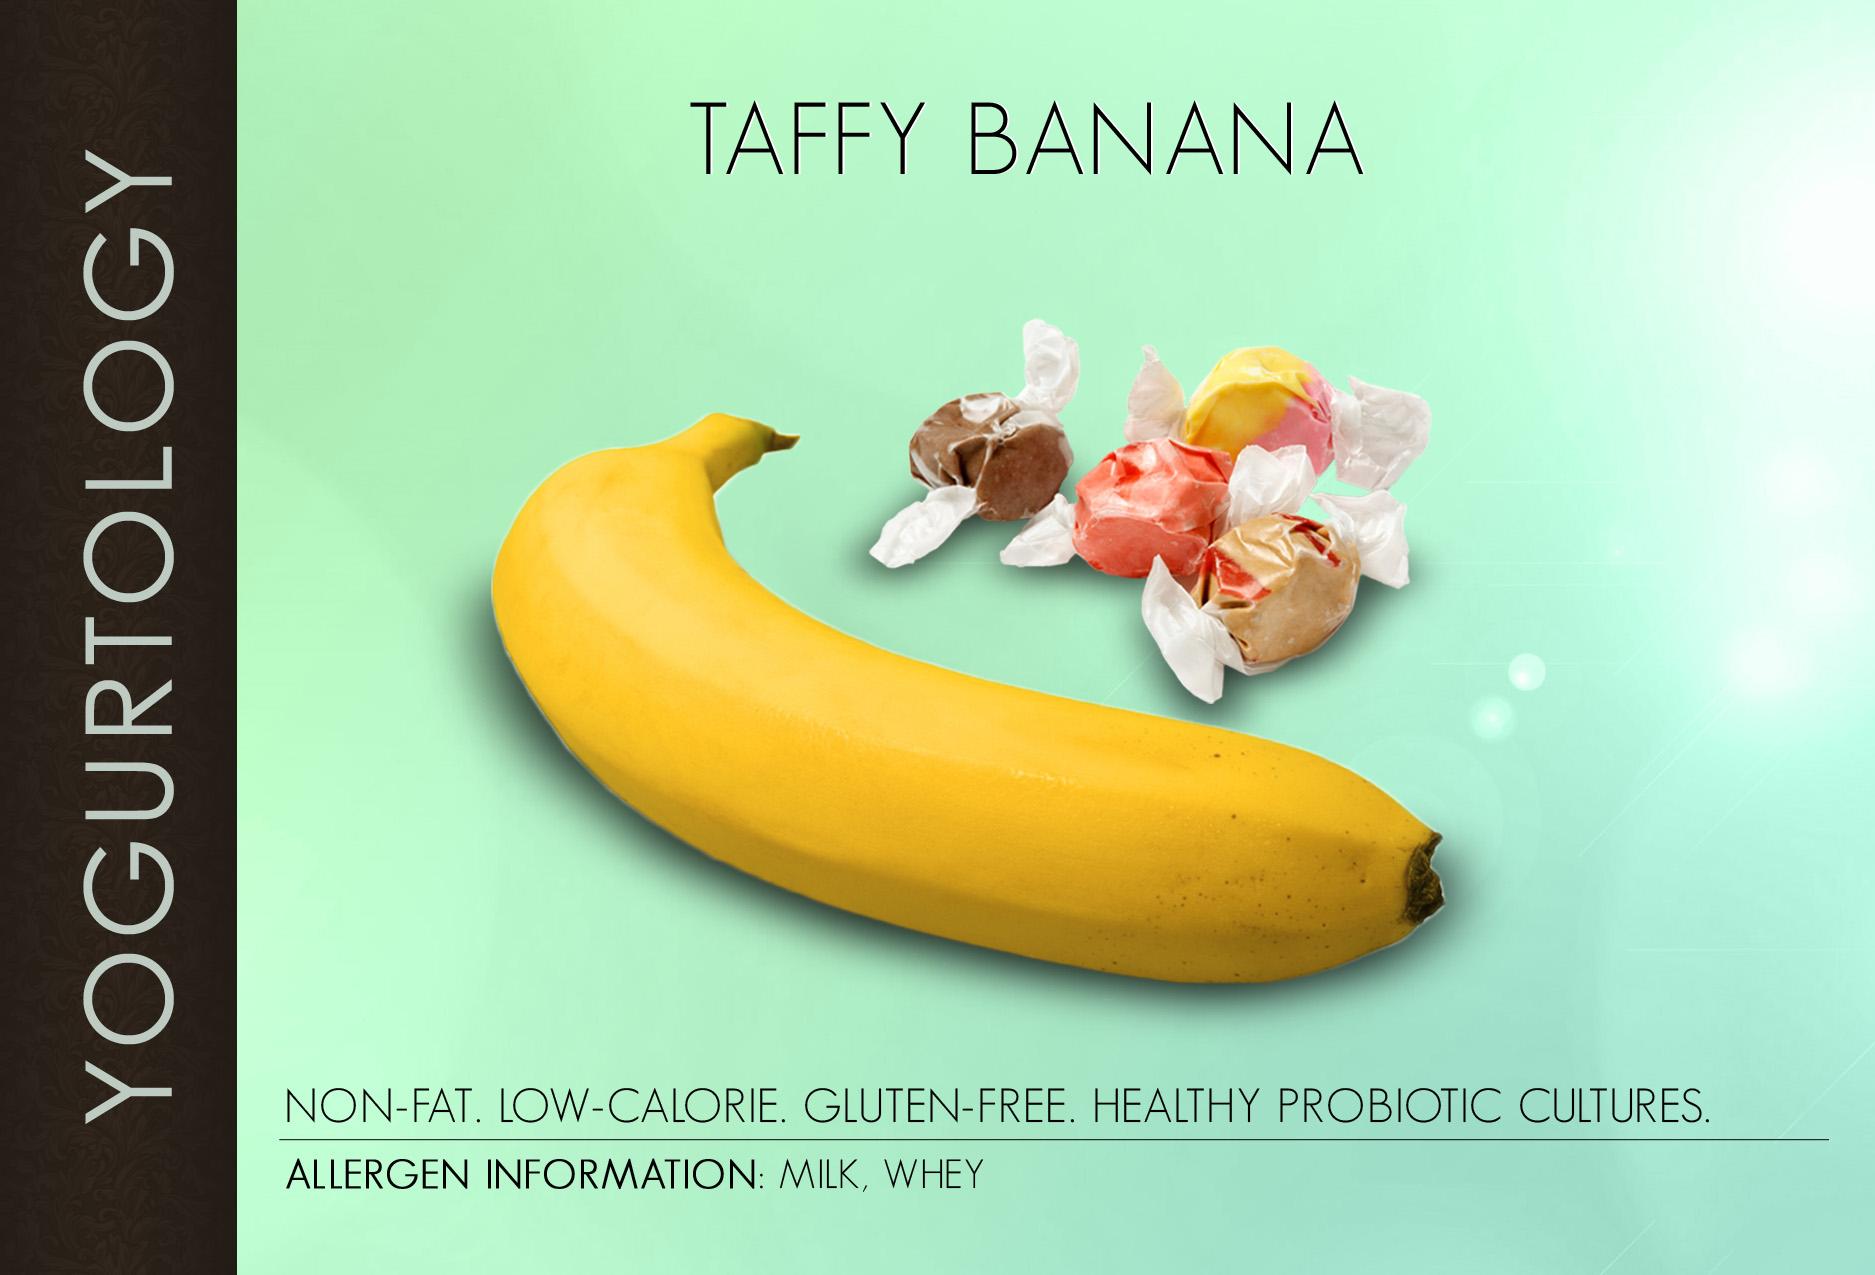 Taffy Banana